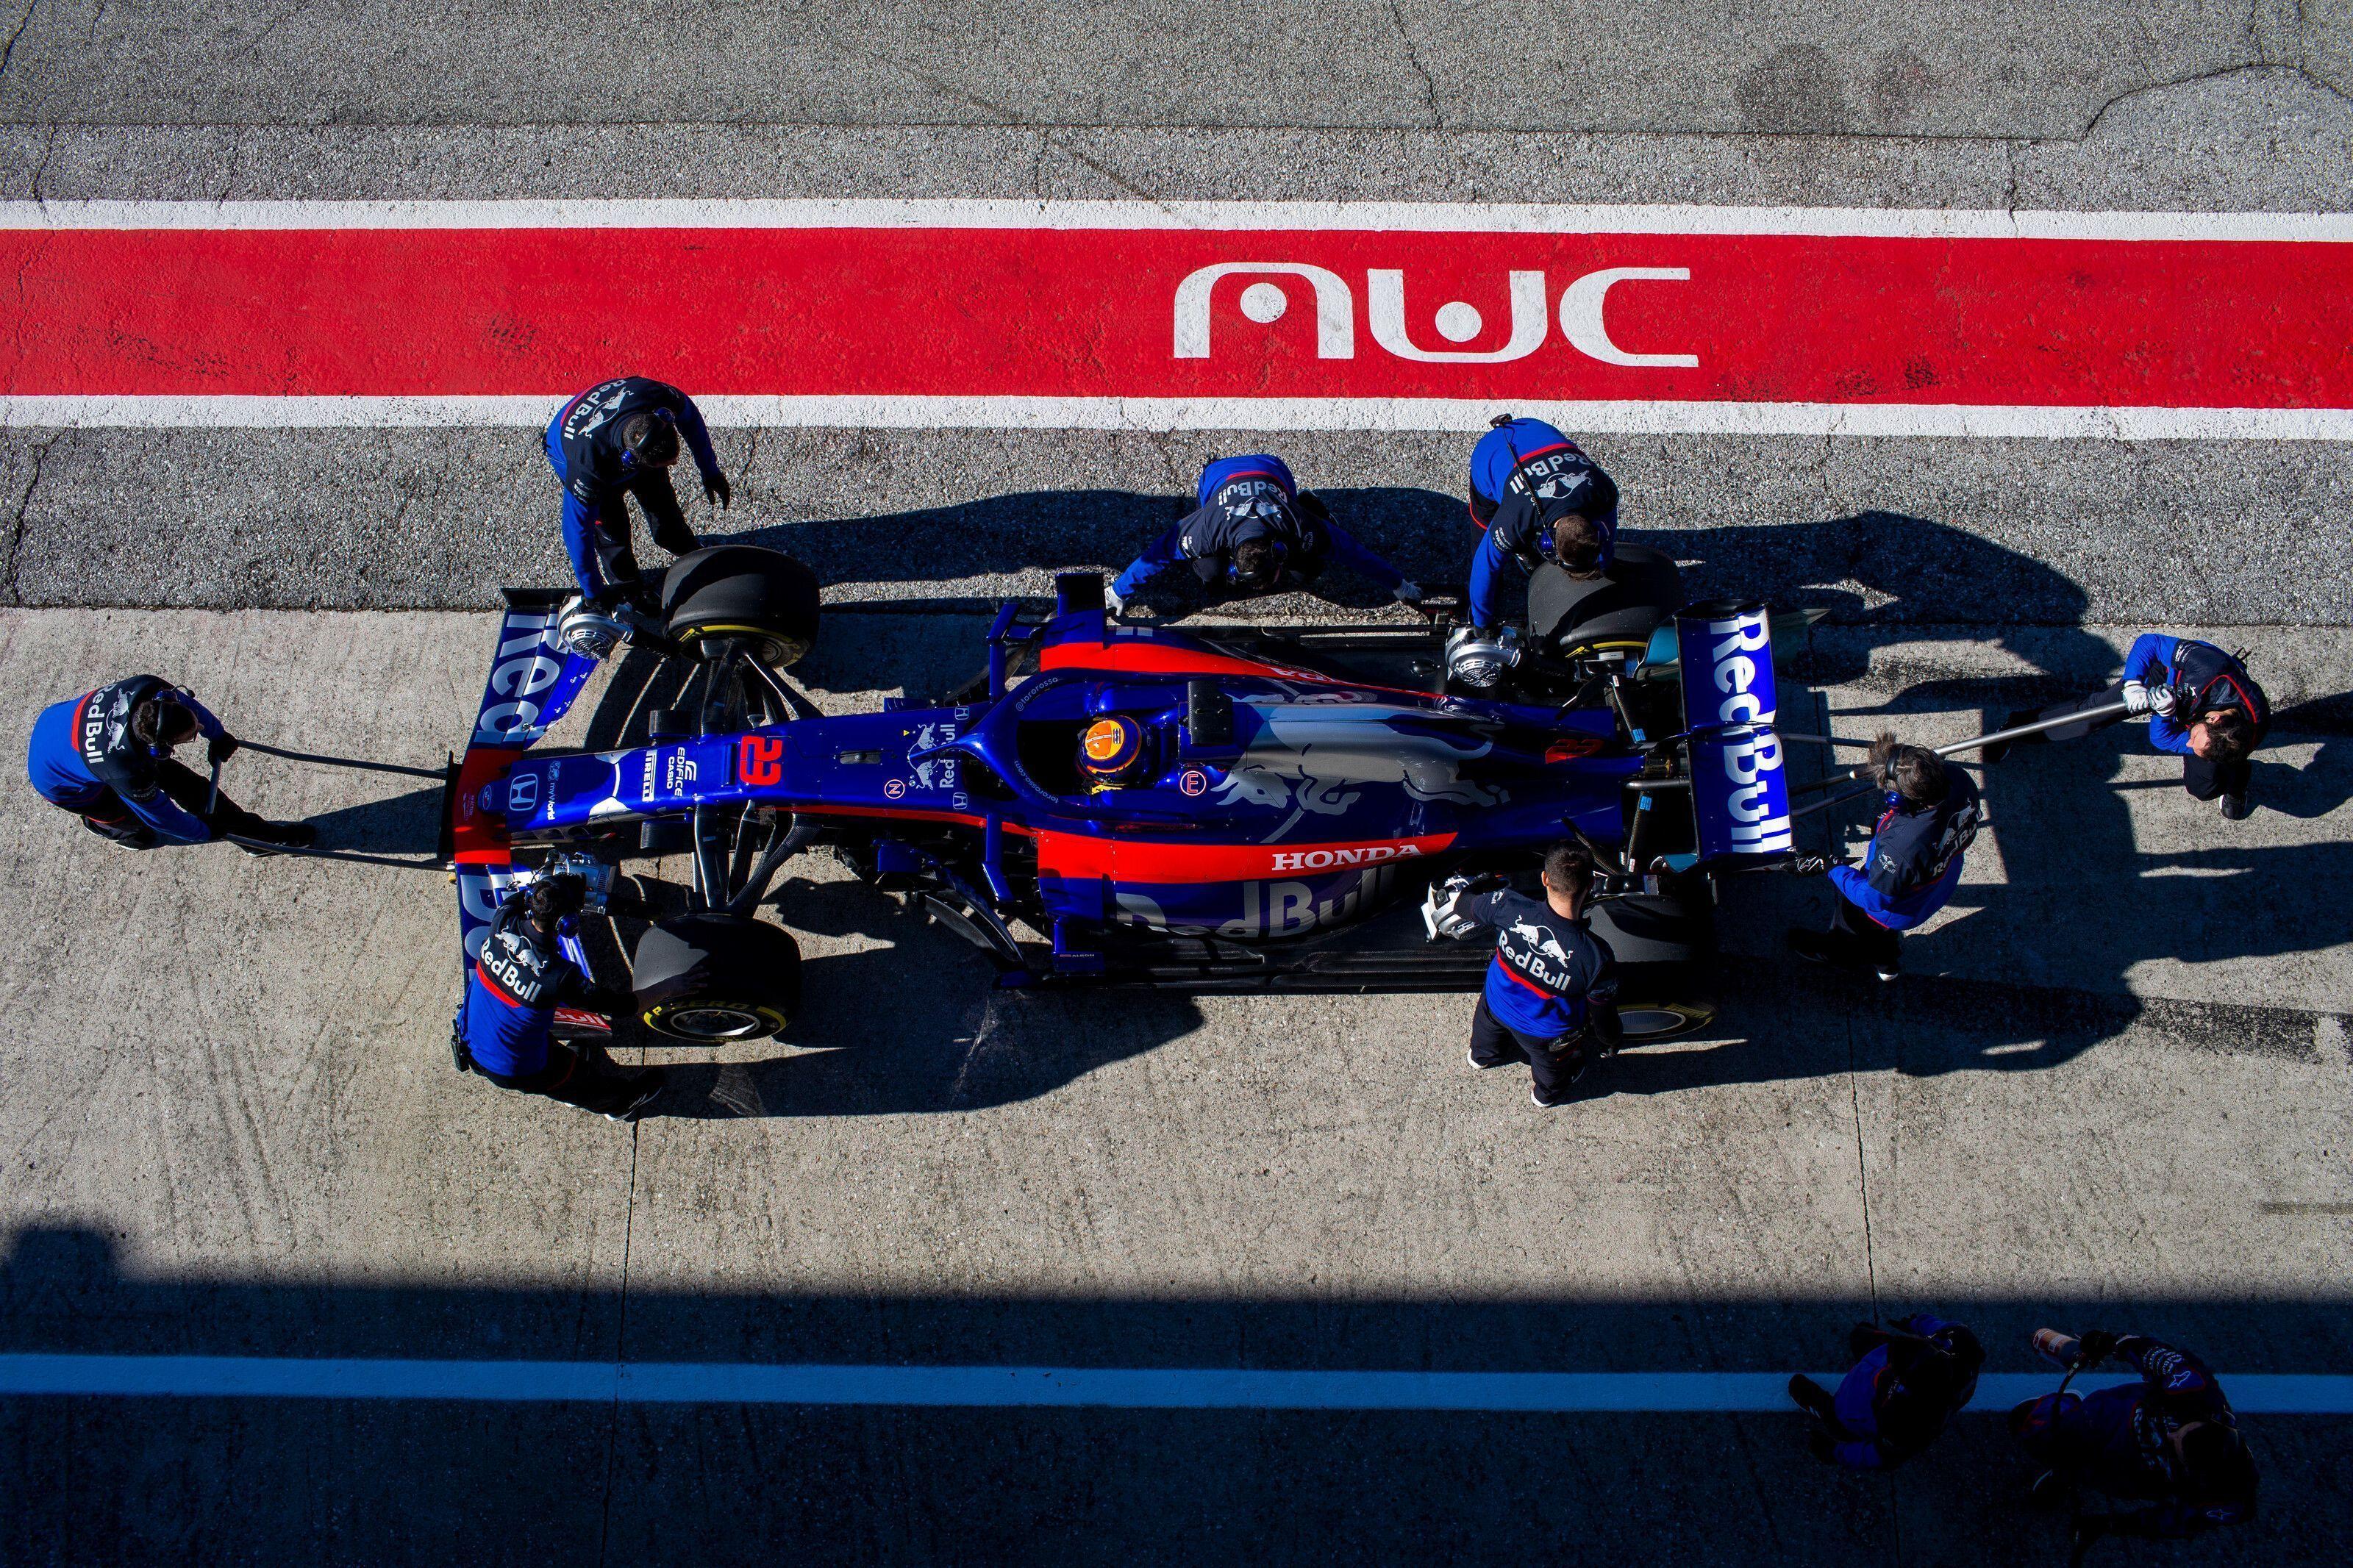 2019 Toro Rosso F1 car